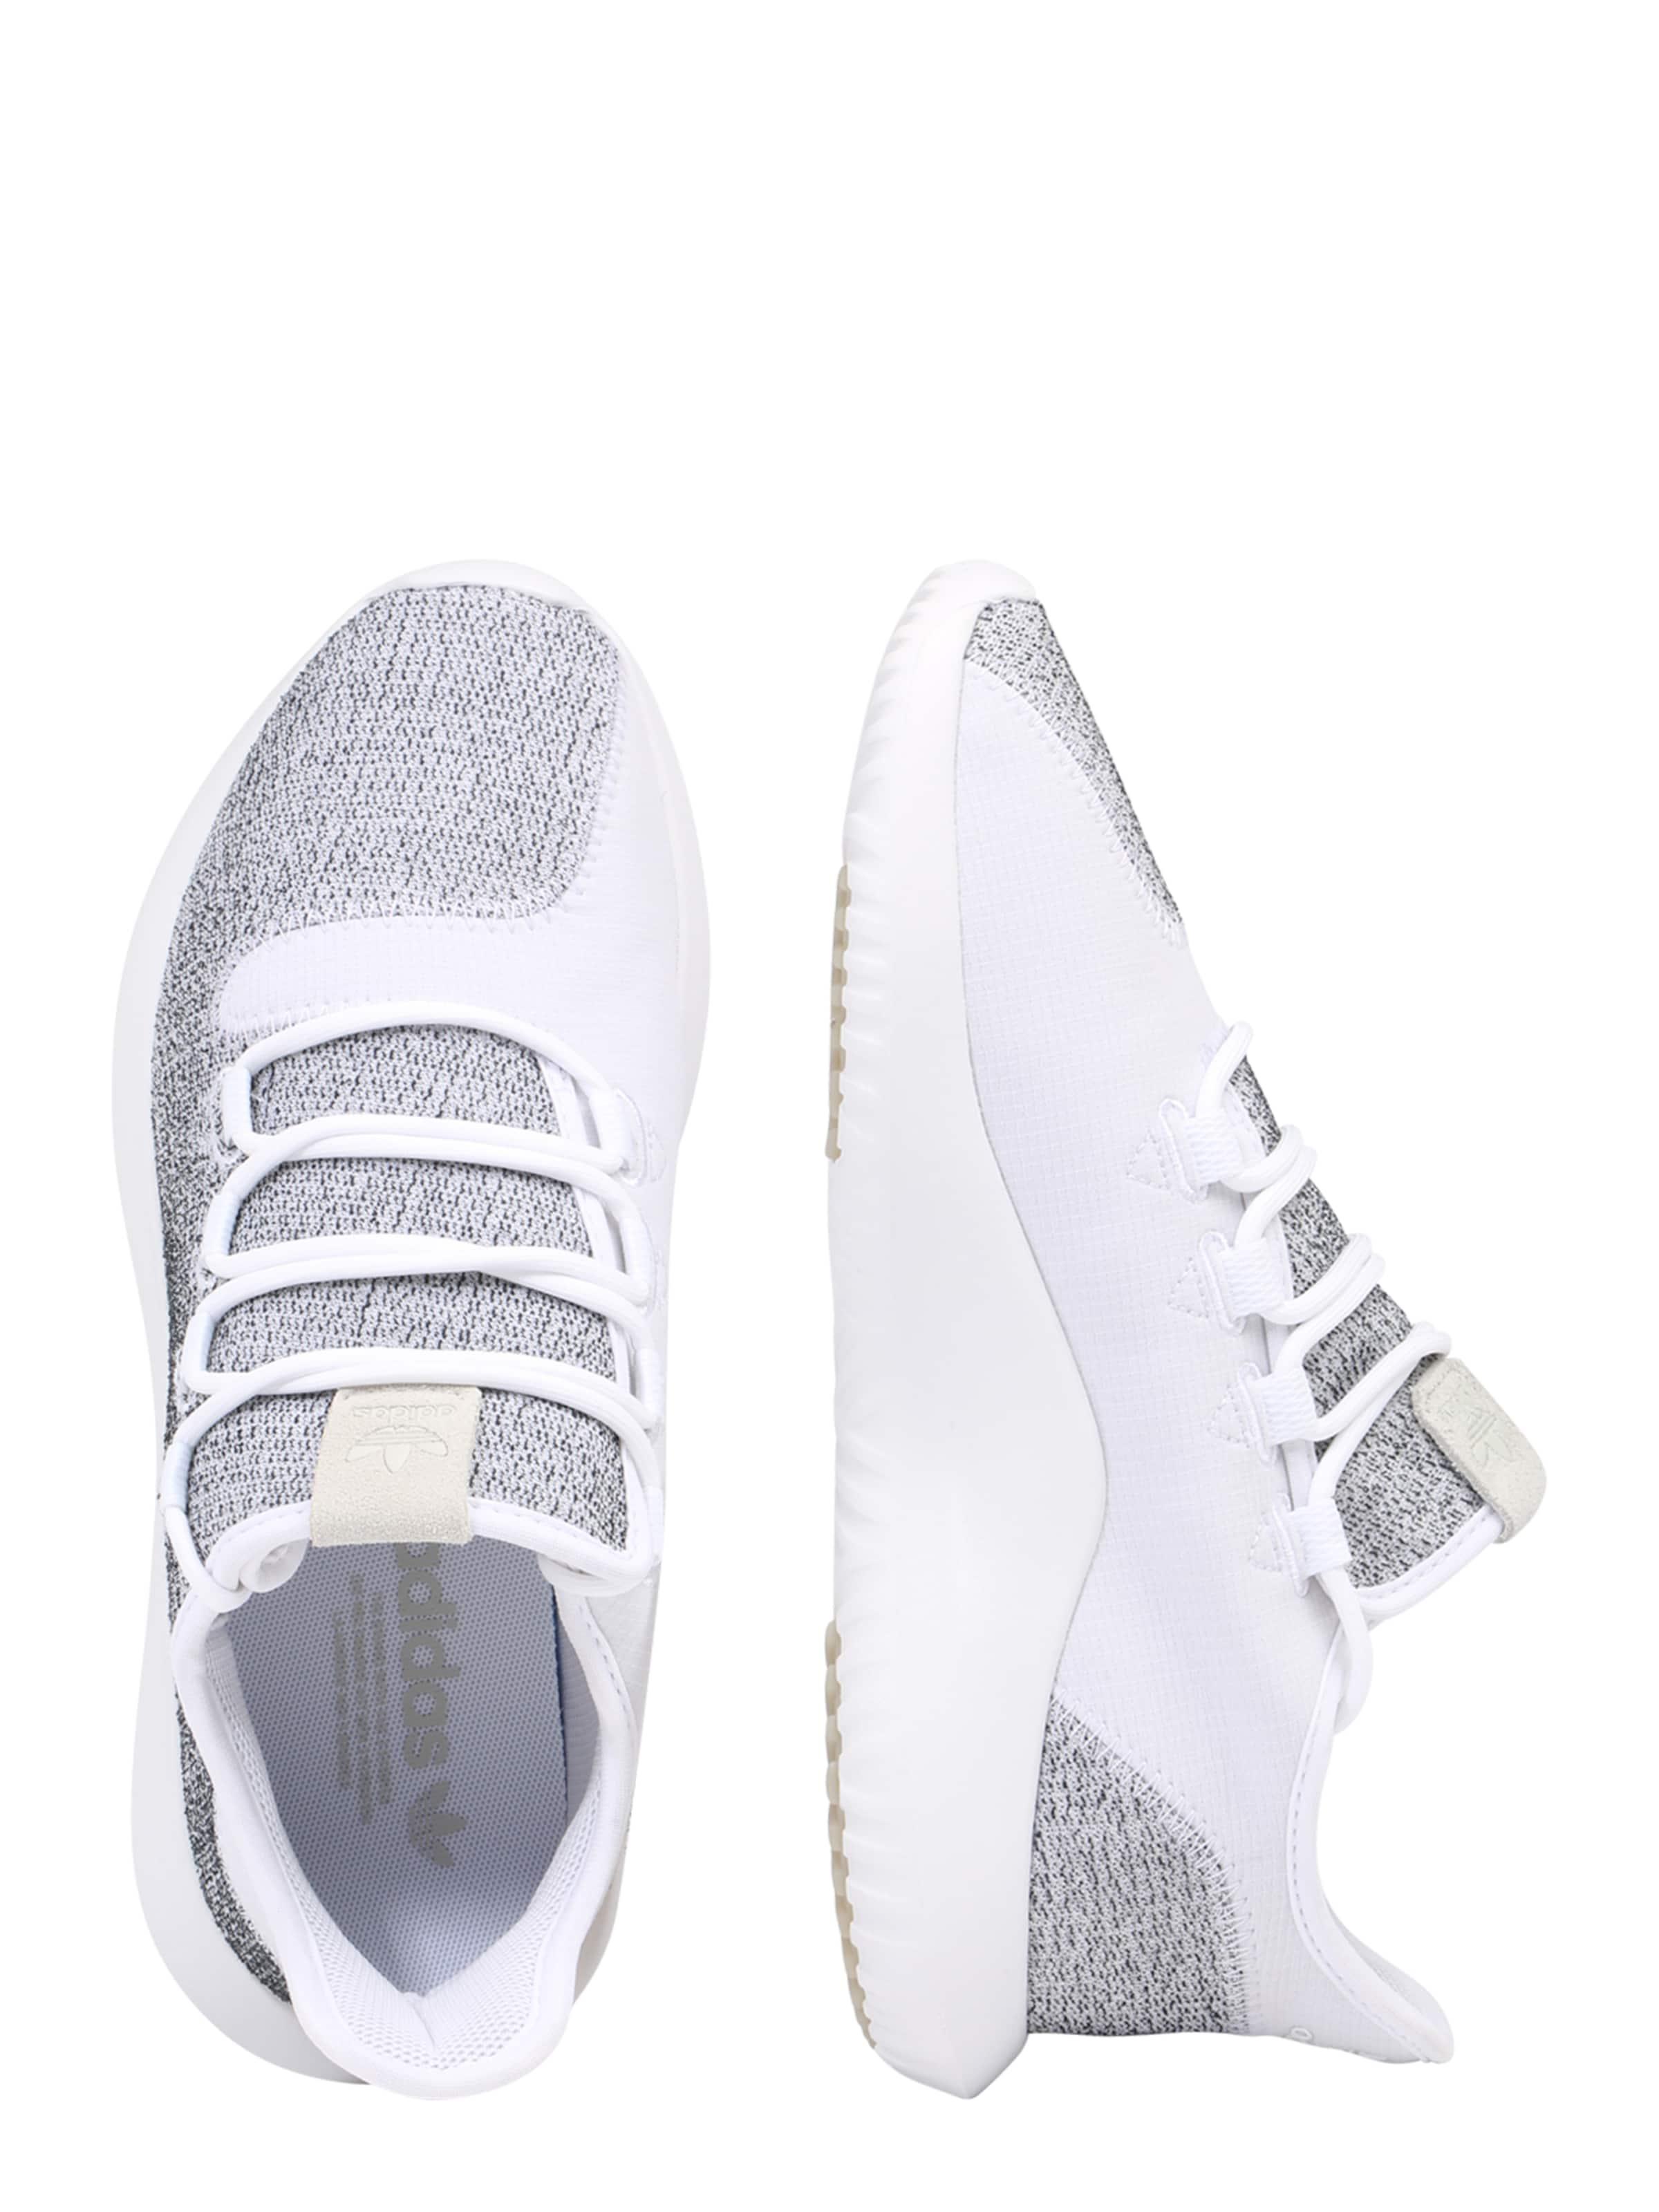 Adidas In Sneaker GrauWeiß 'tubular Shadow' Originals gy7f6Yb